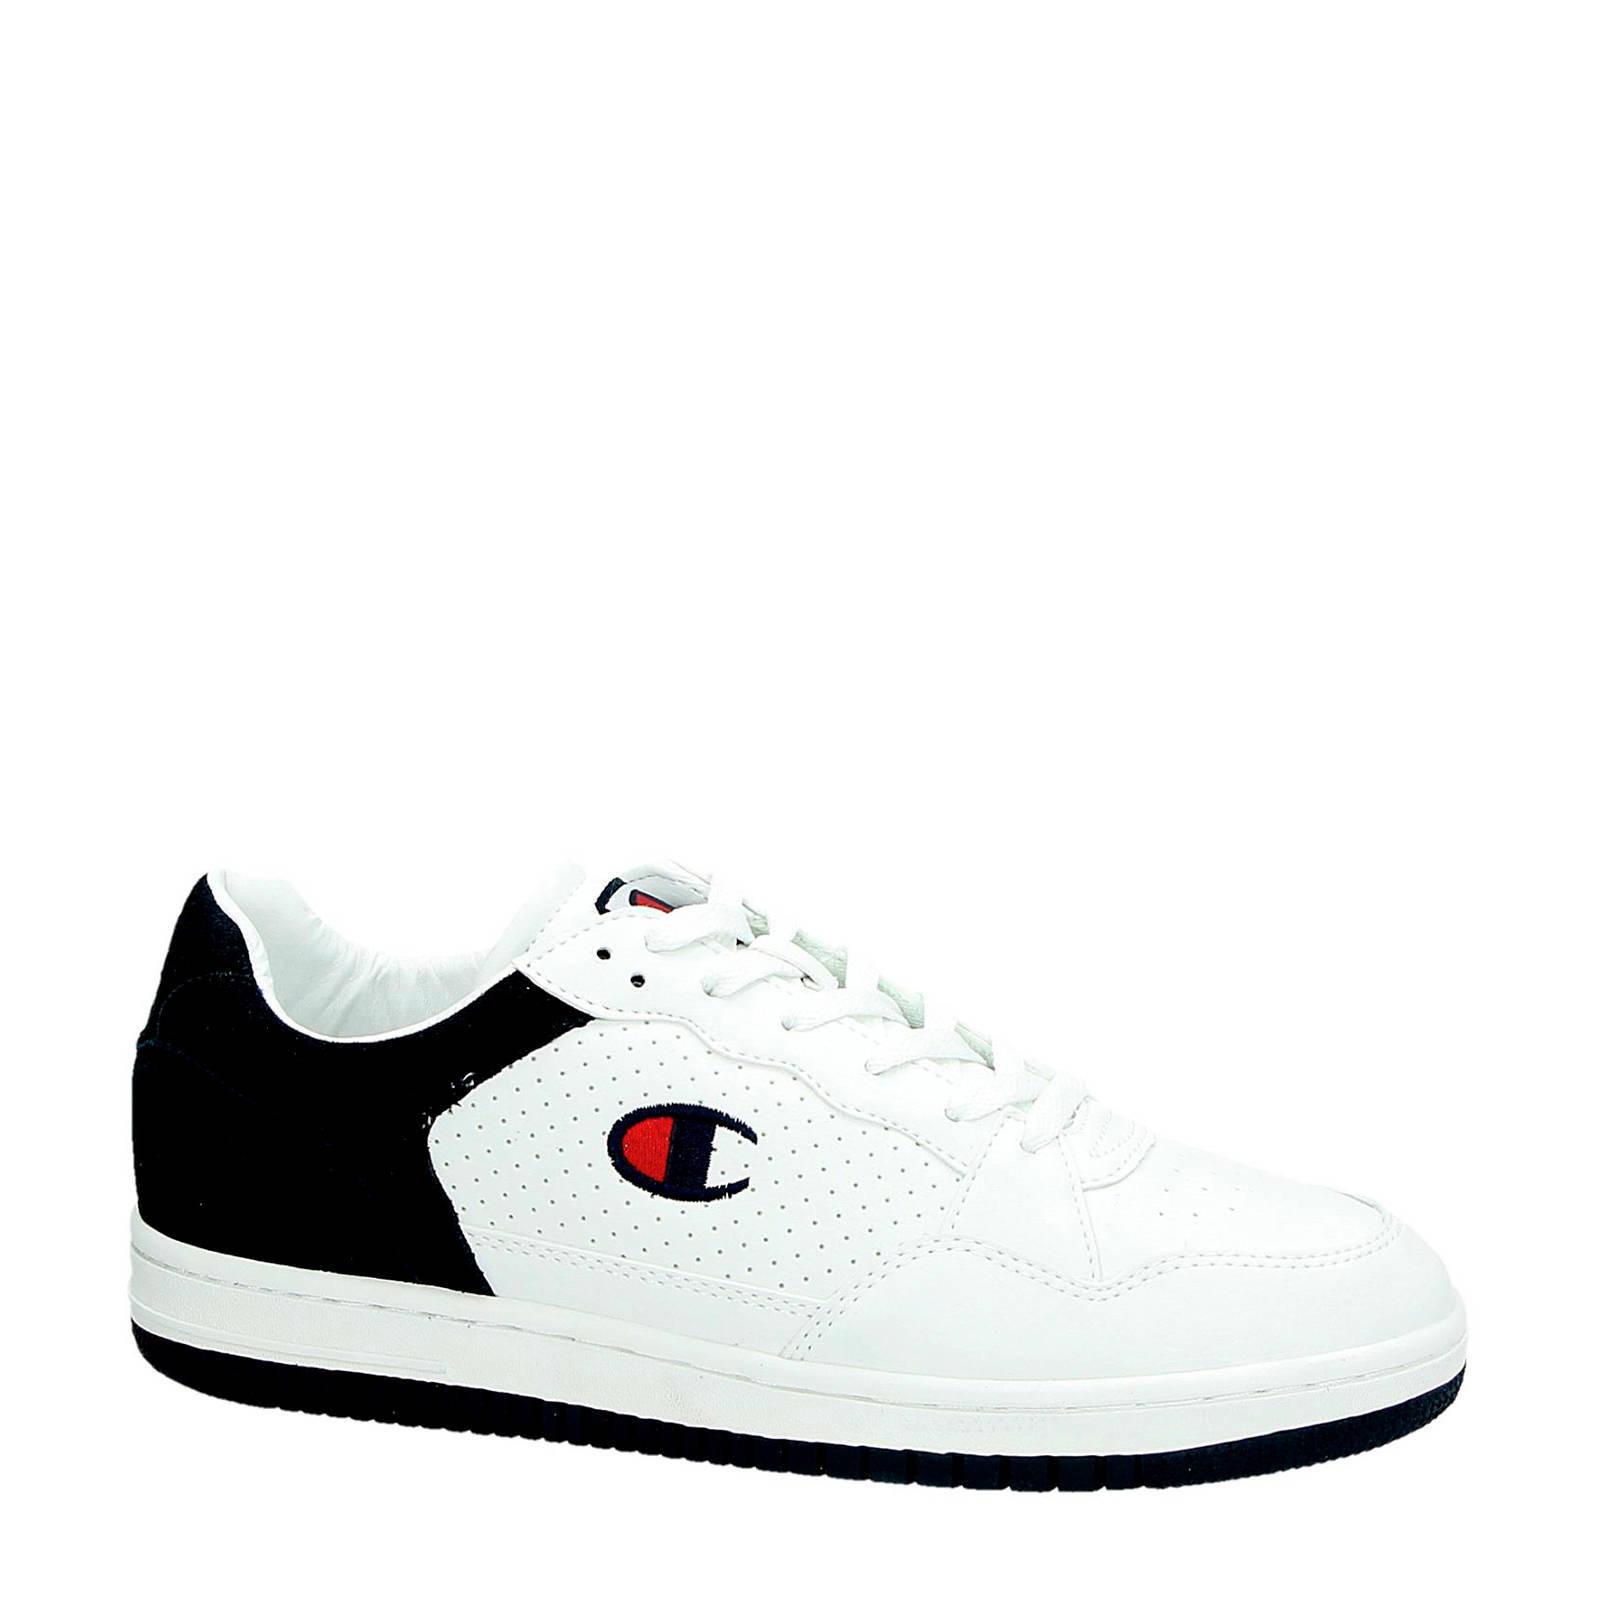 vans schoenen wassenaar